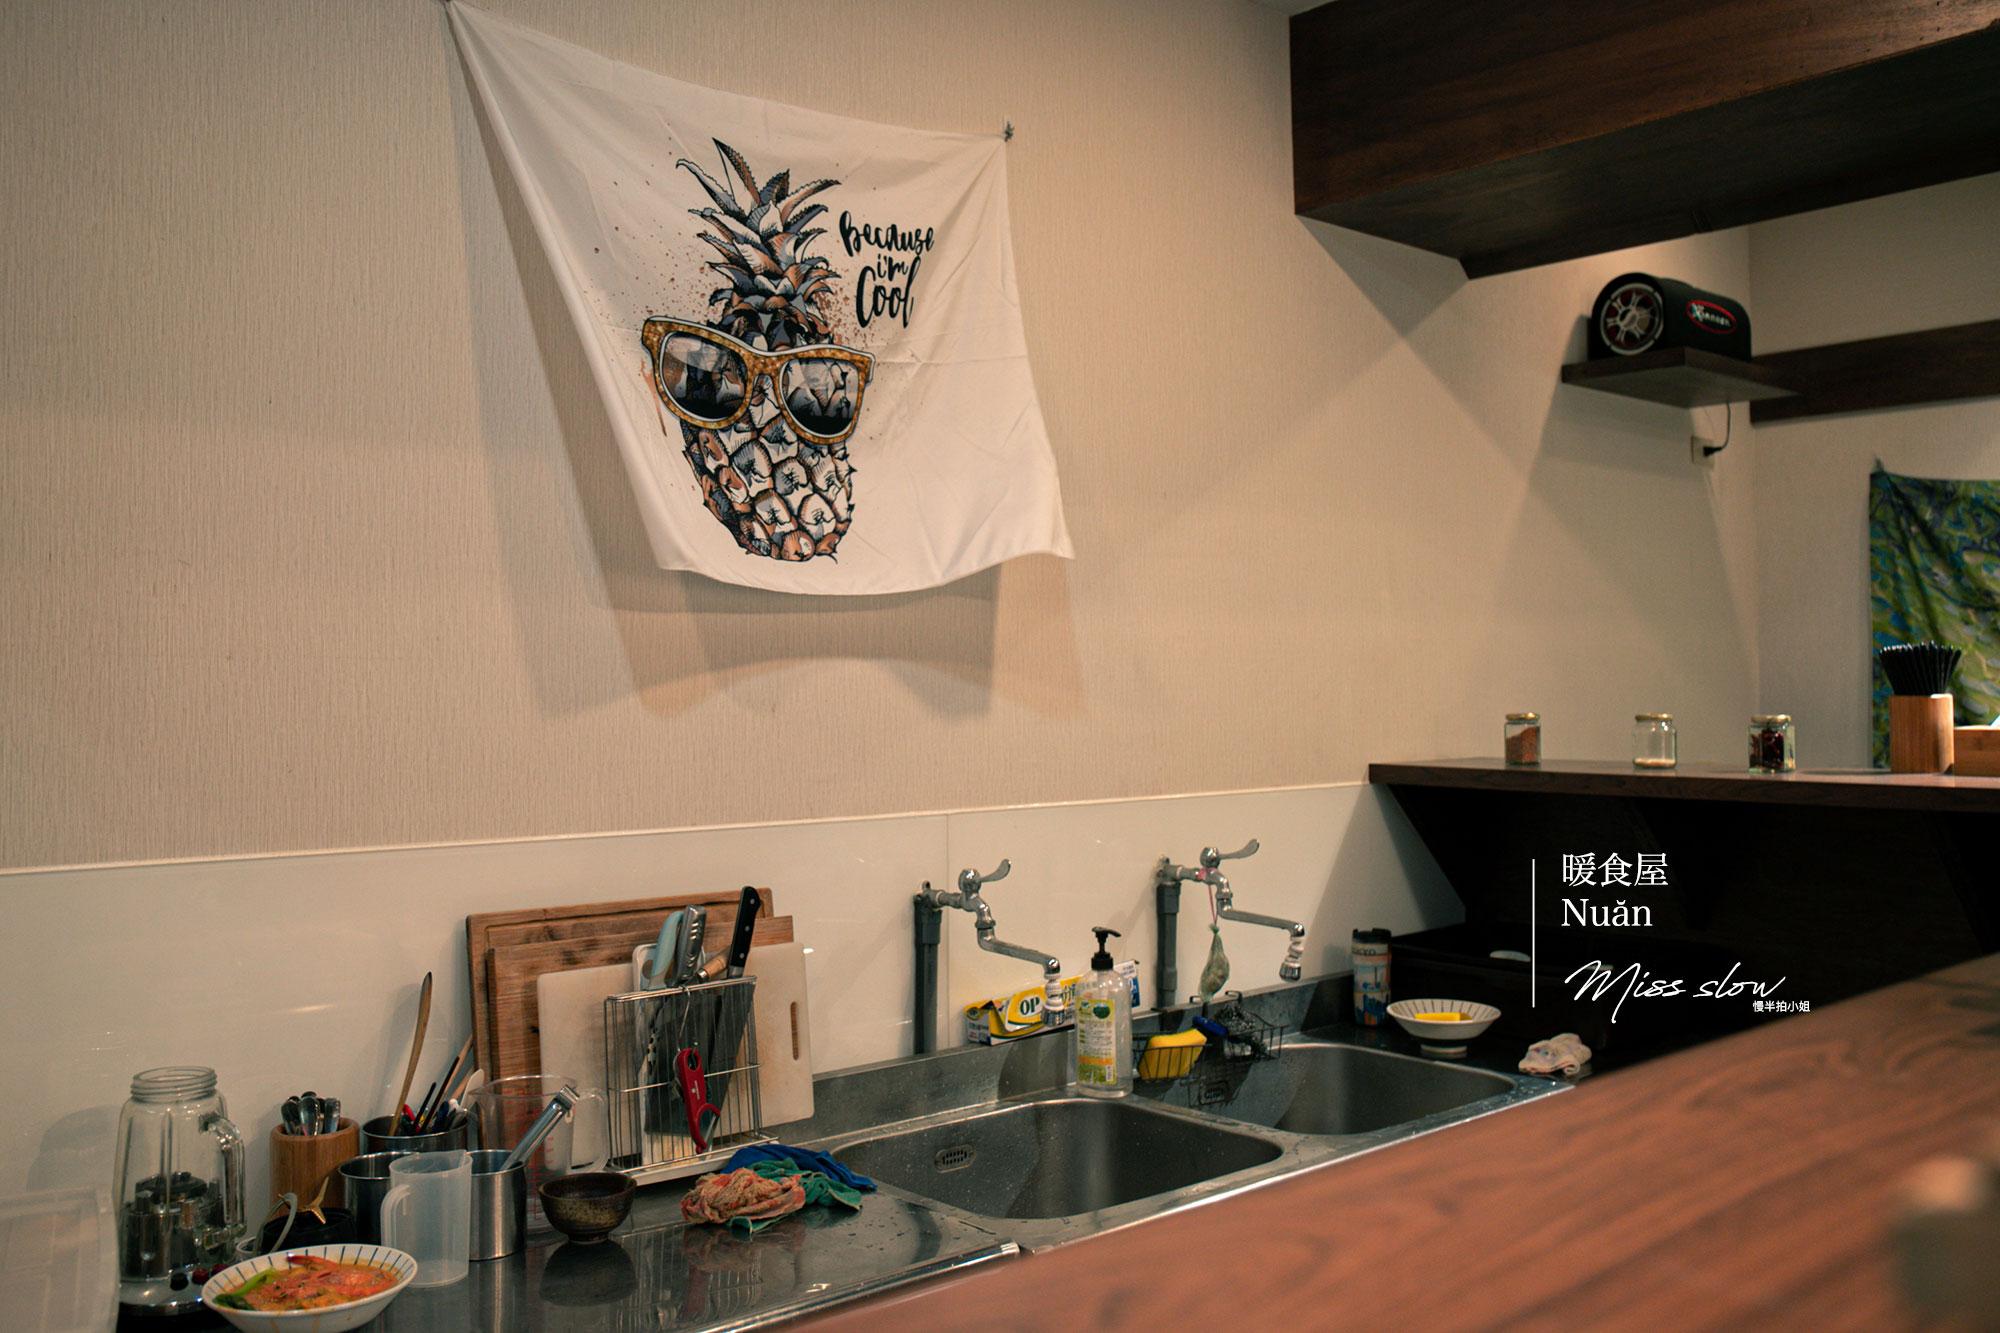 台中暖食屋南洋料理_店內1